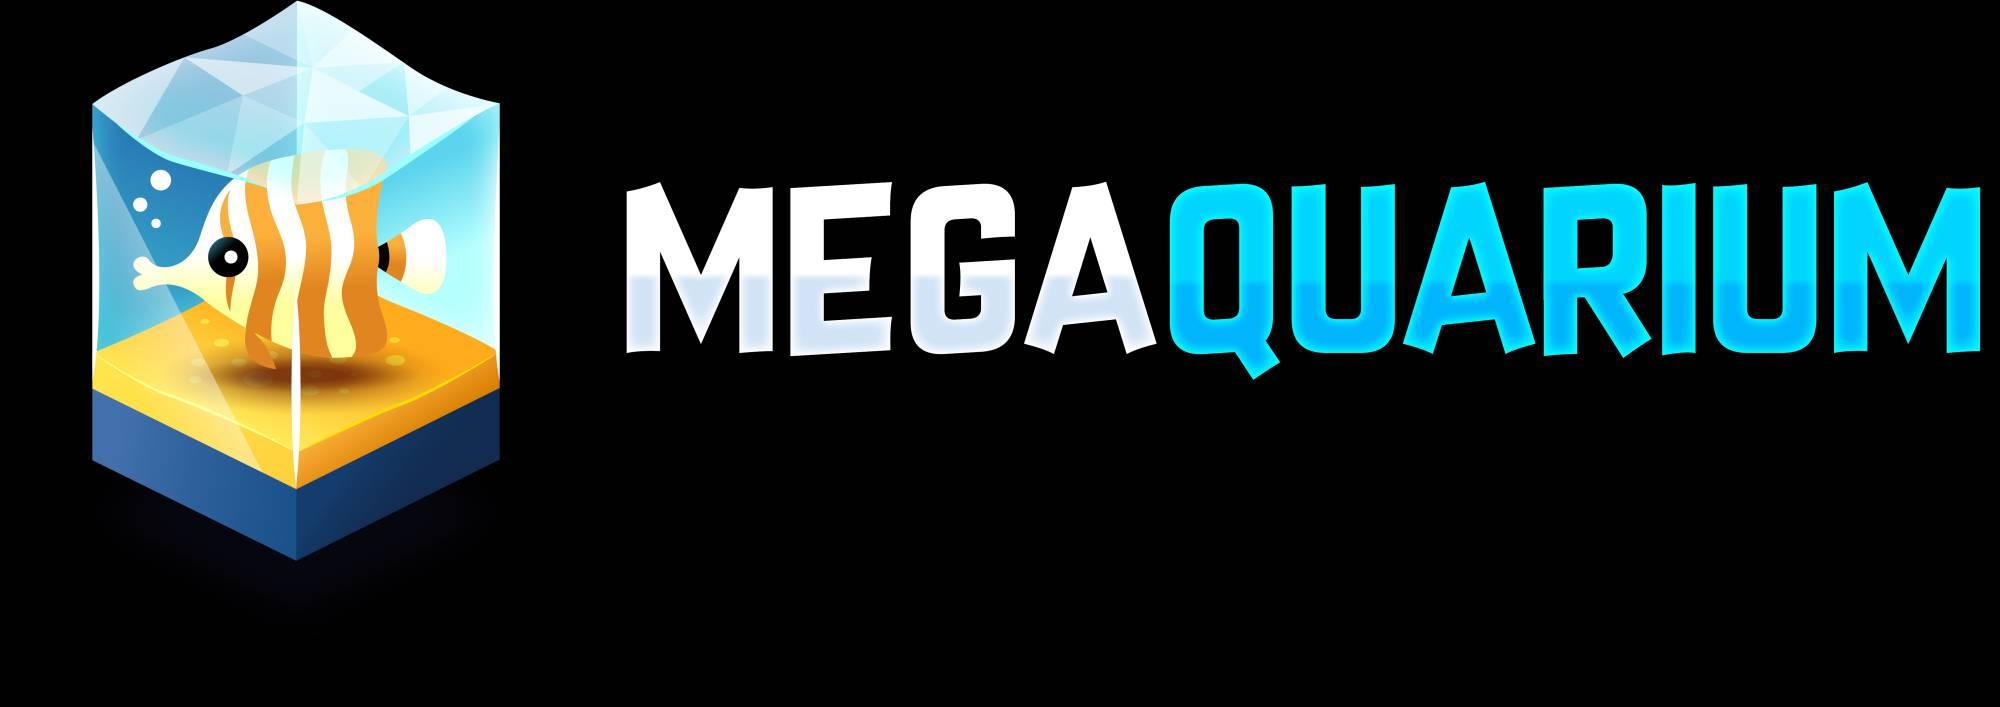 Megaquarium Logo